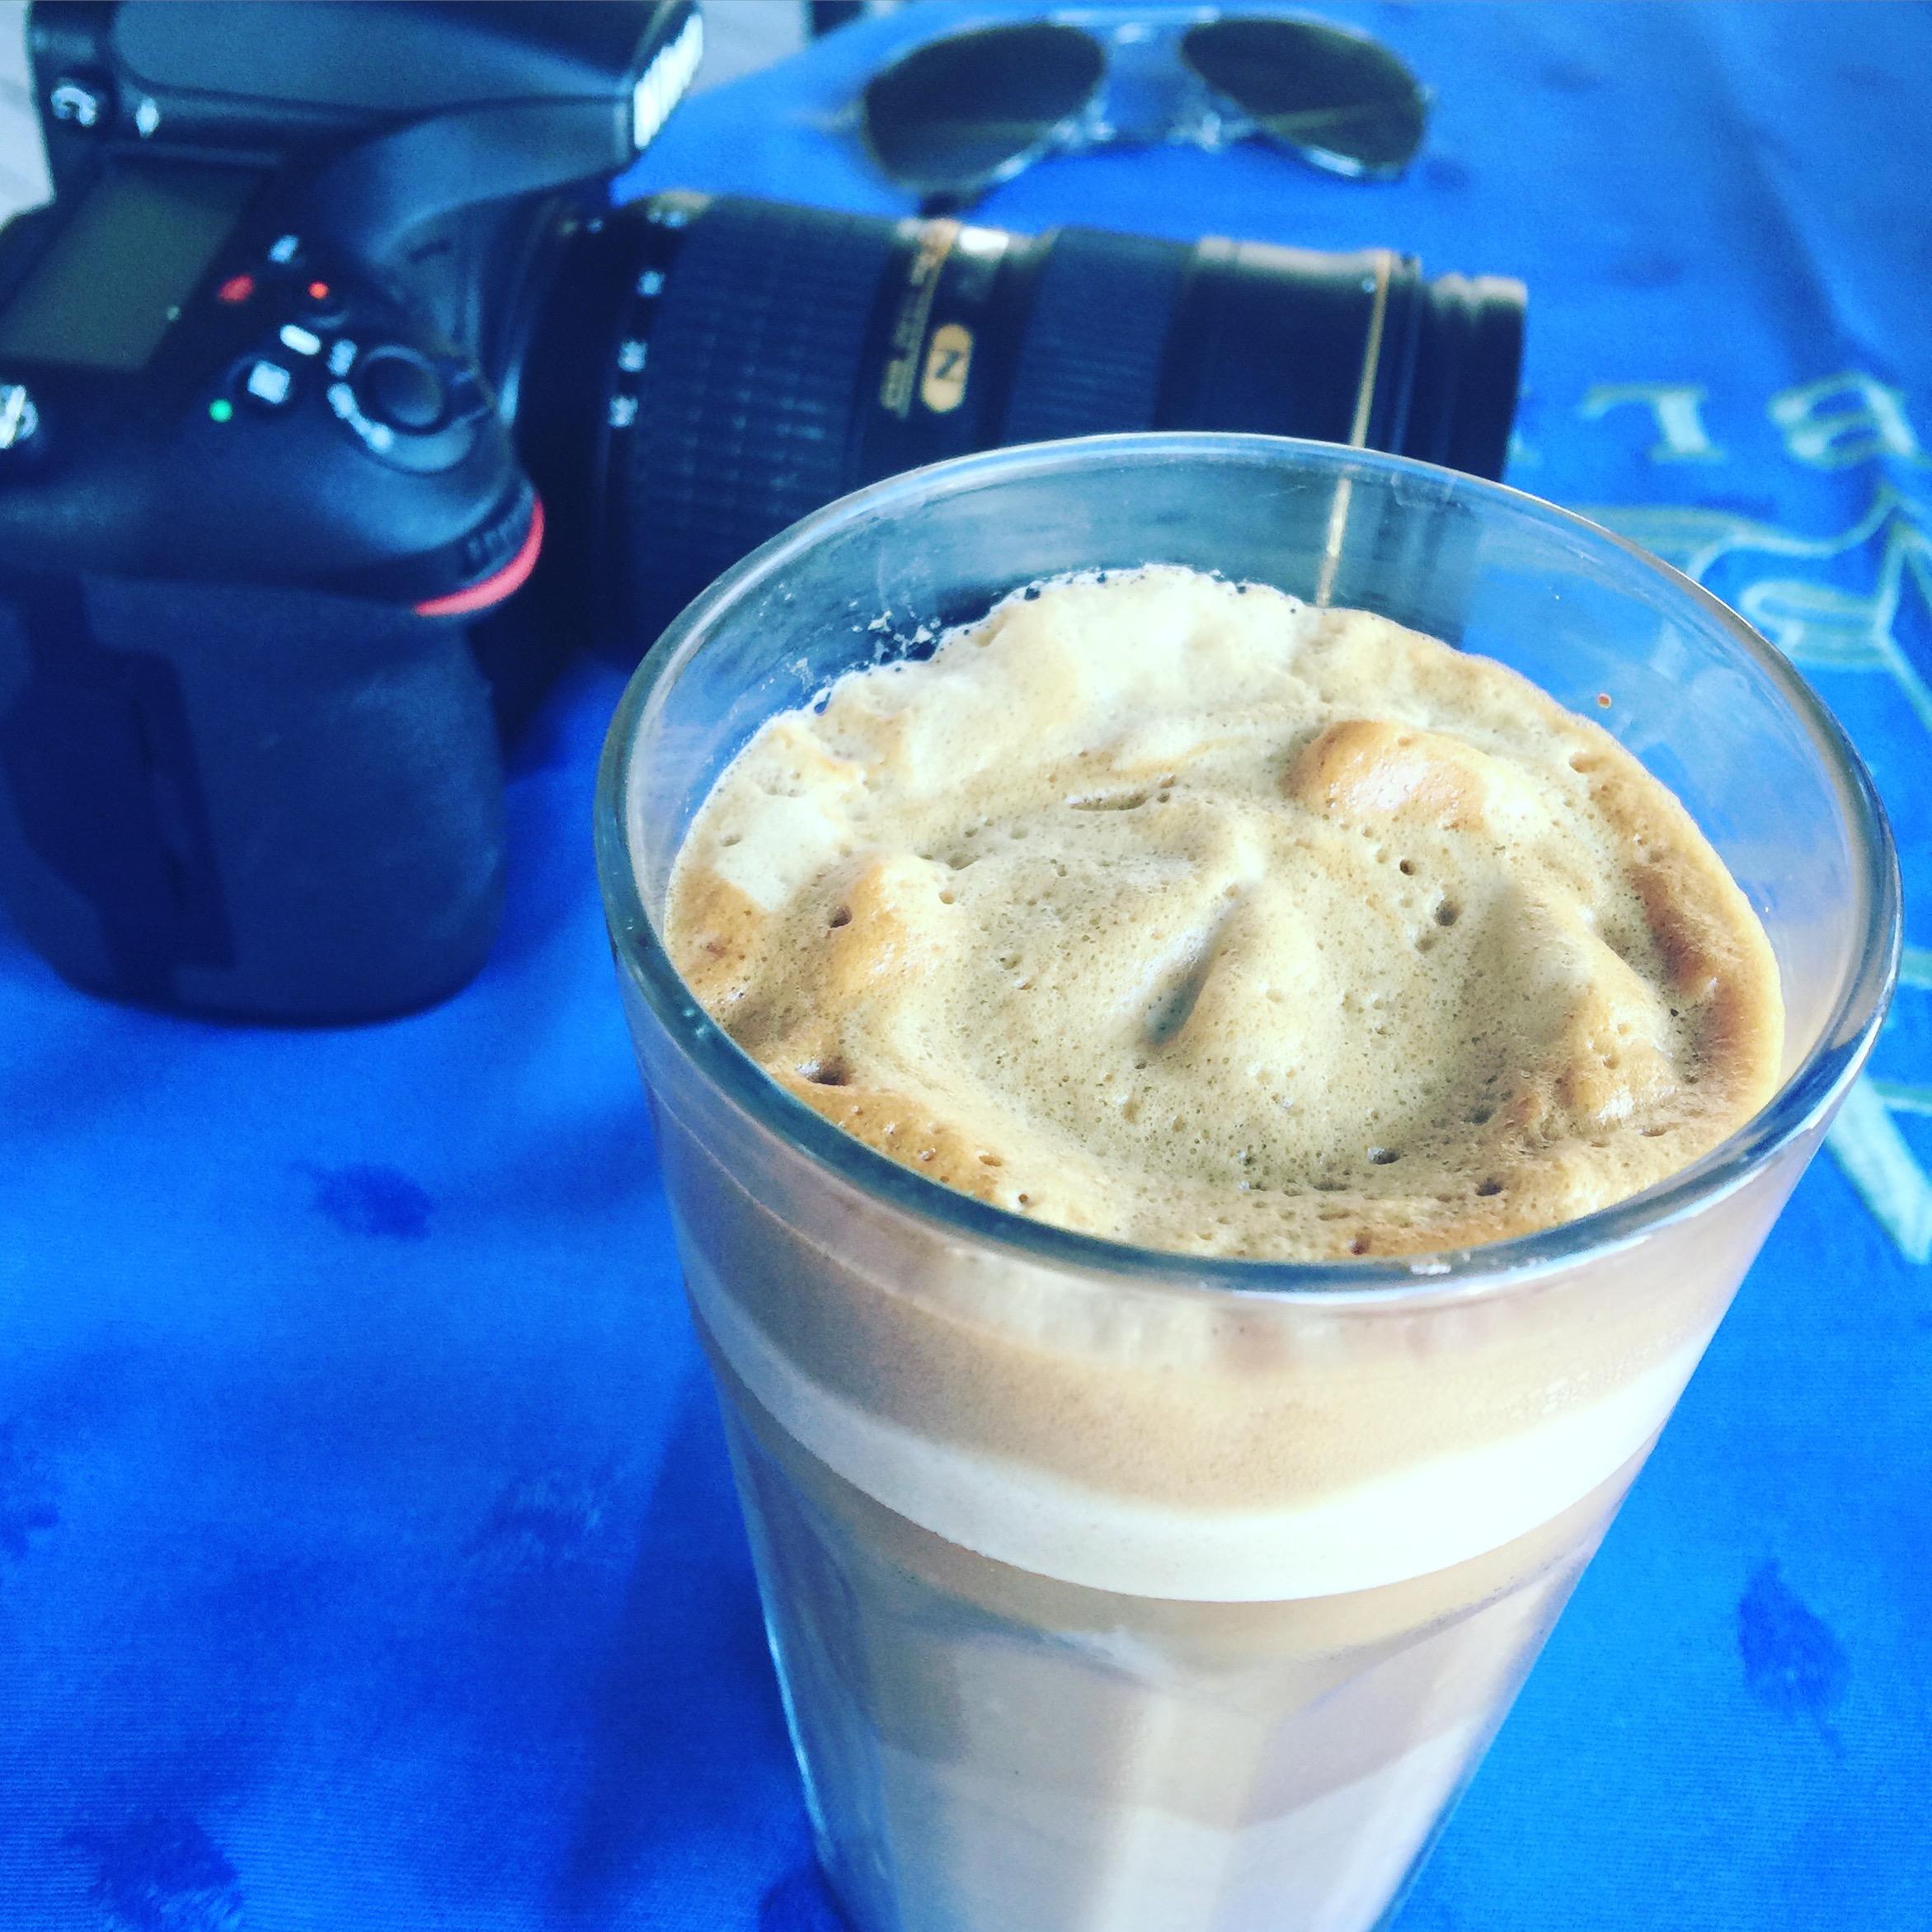 Ewentualnie frappe. Czyli mocna kawa z mlekiem i ogromną ilością kostek lodu.